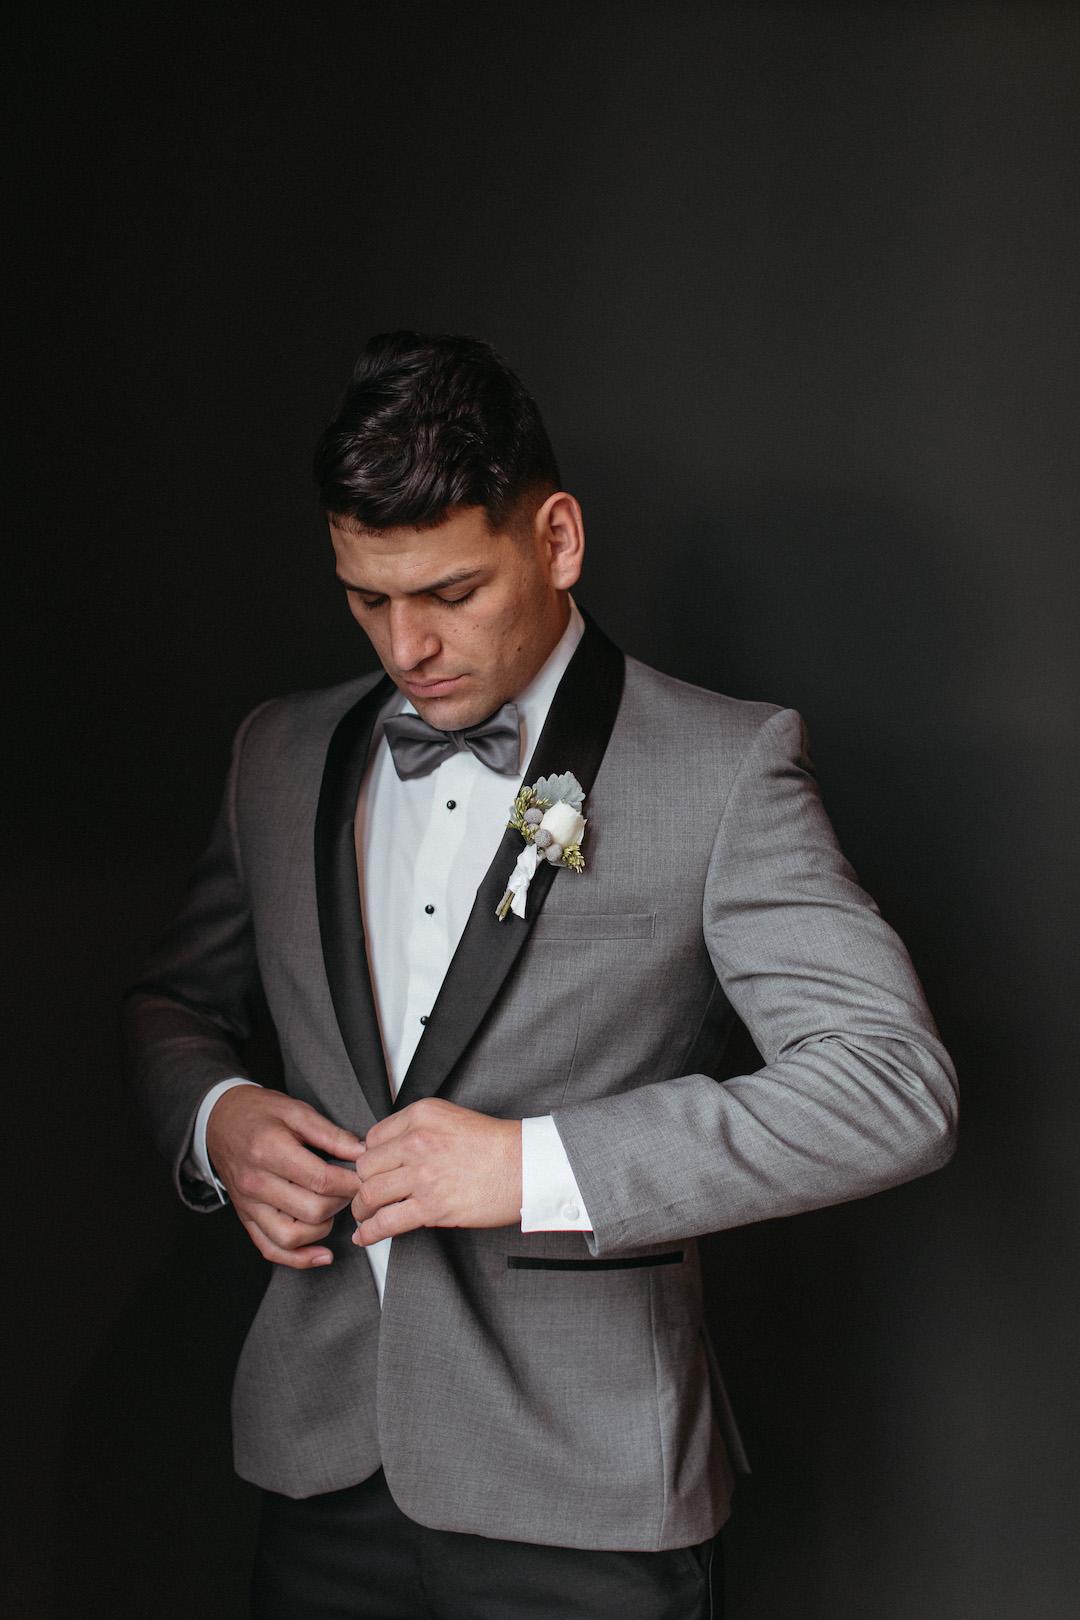 Ultimate Gray Wedding Tuxedo | Nashville Bride Guide